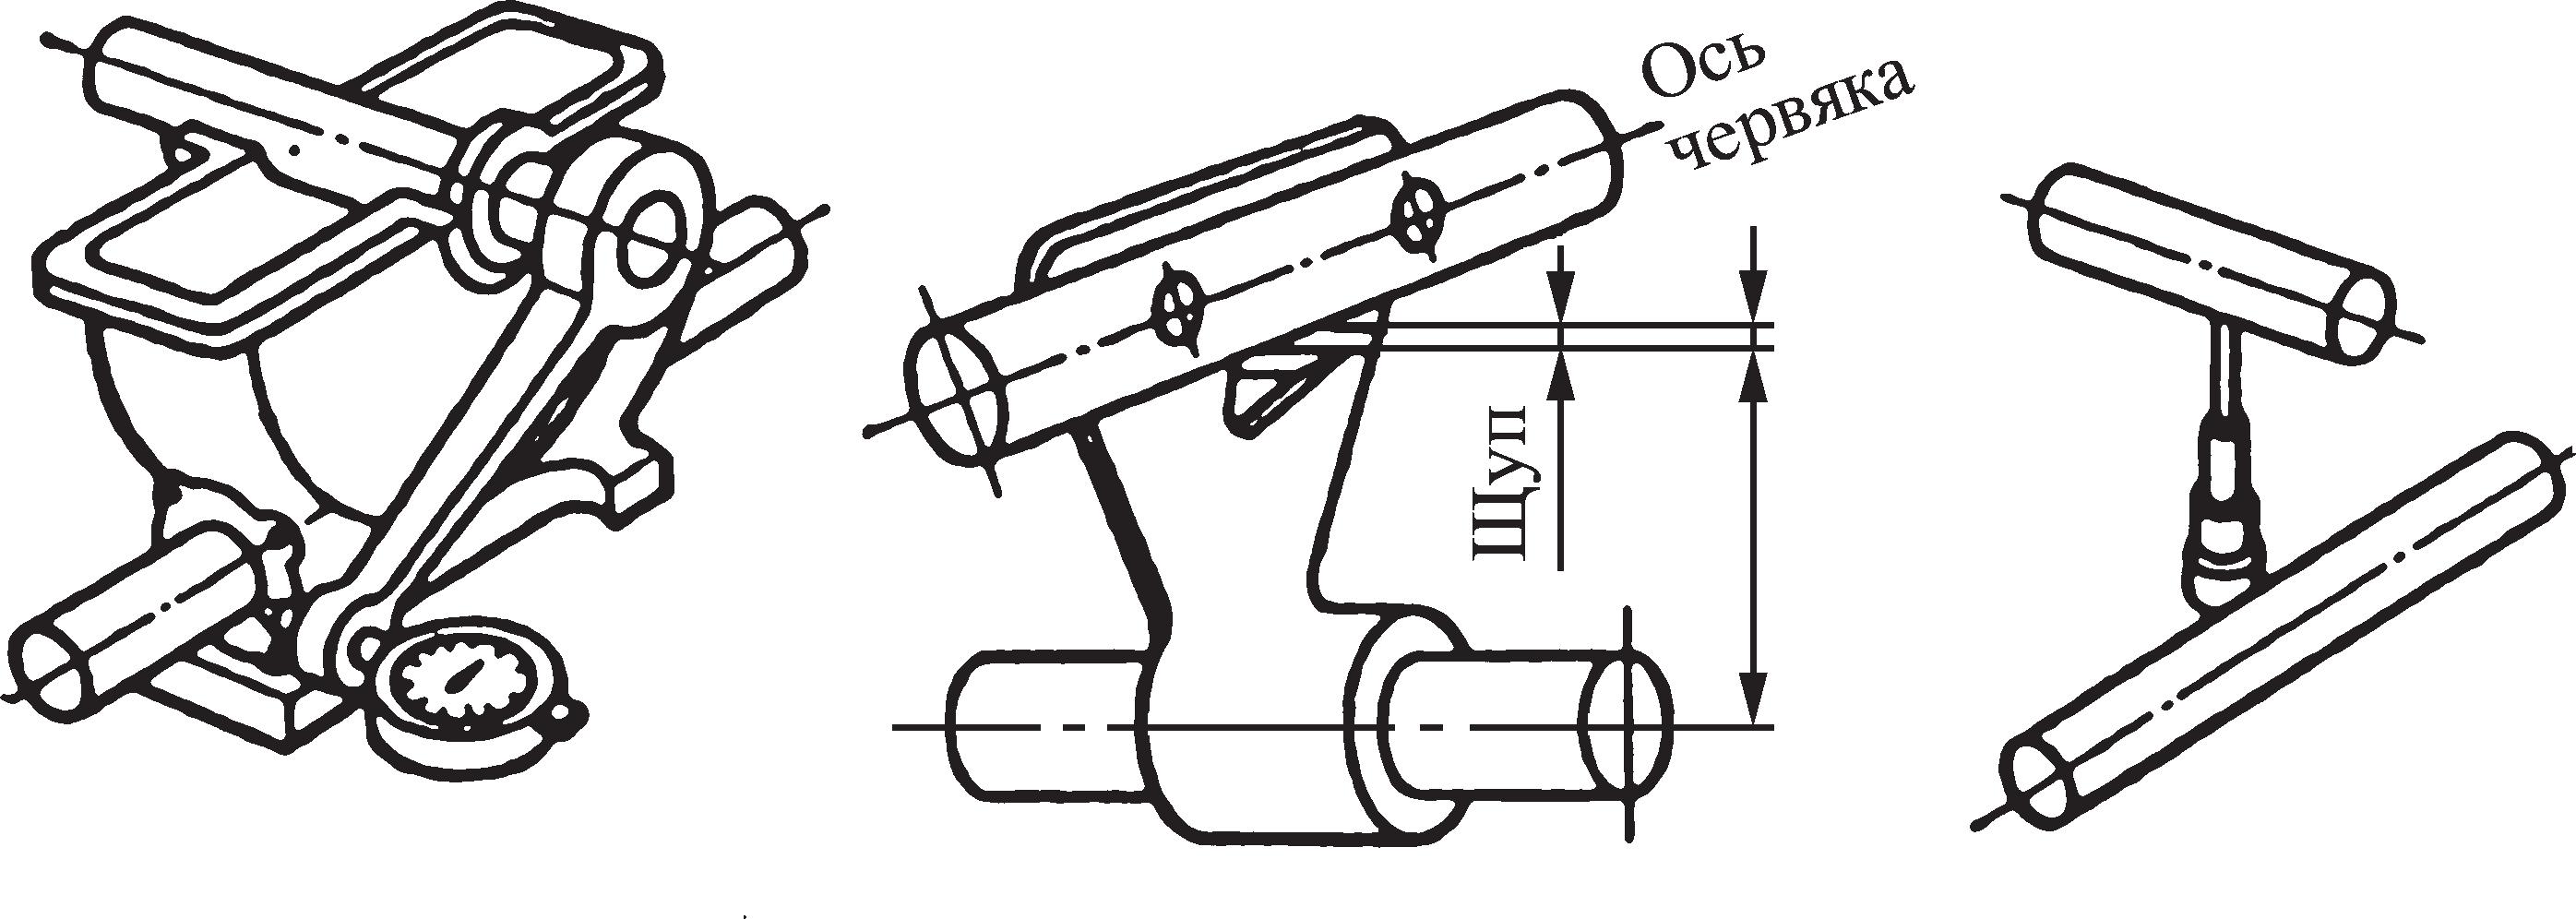 Схема контроля расположения осей червячной передачи